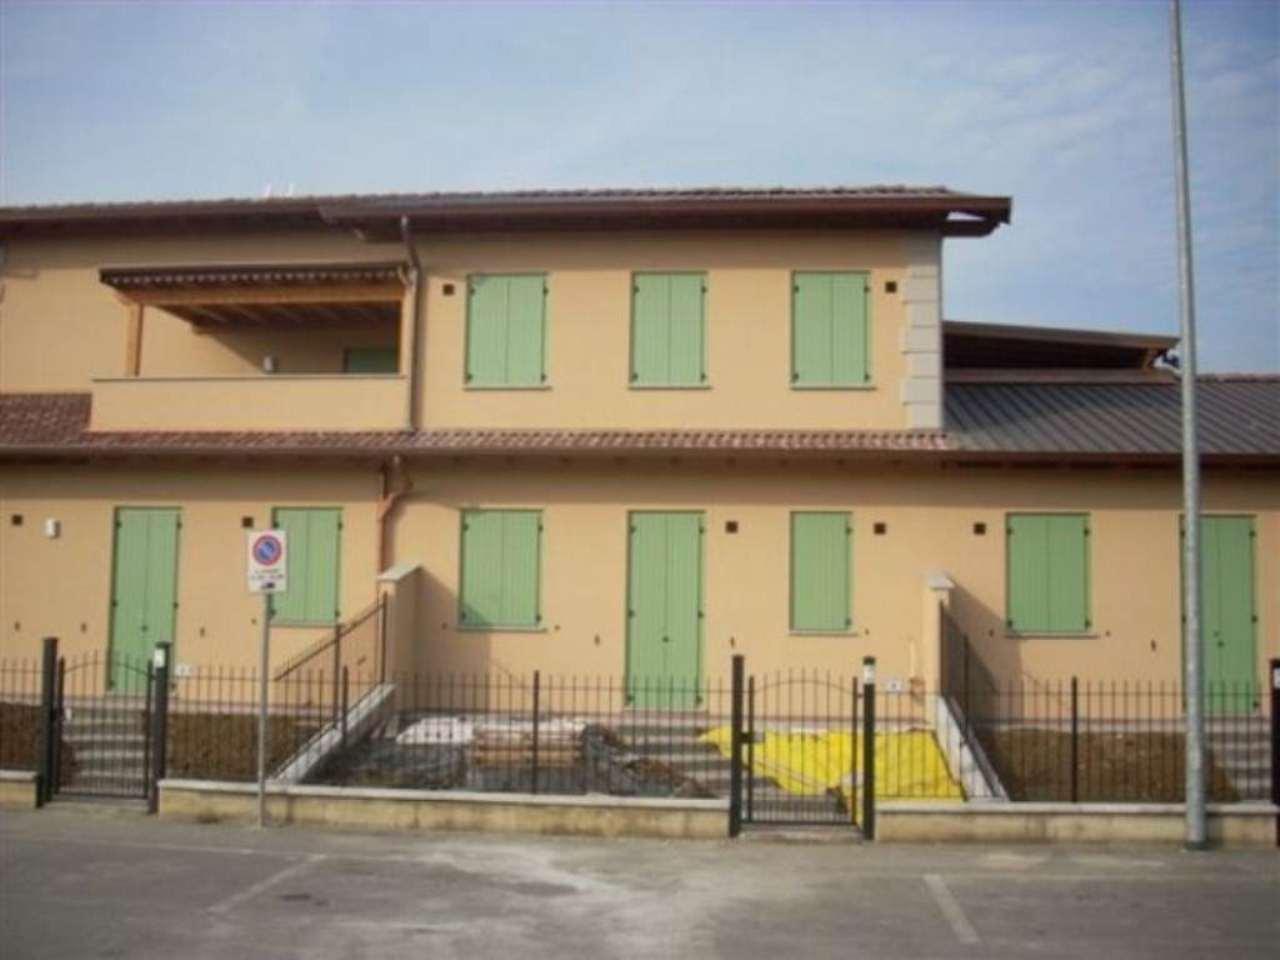 Villa in vendita a Monte Cremasco, 2 locali, prezzo € 100.000 | Cambio Casa.it